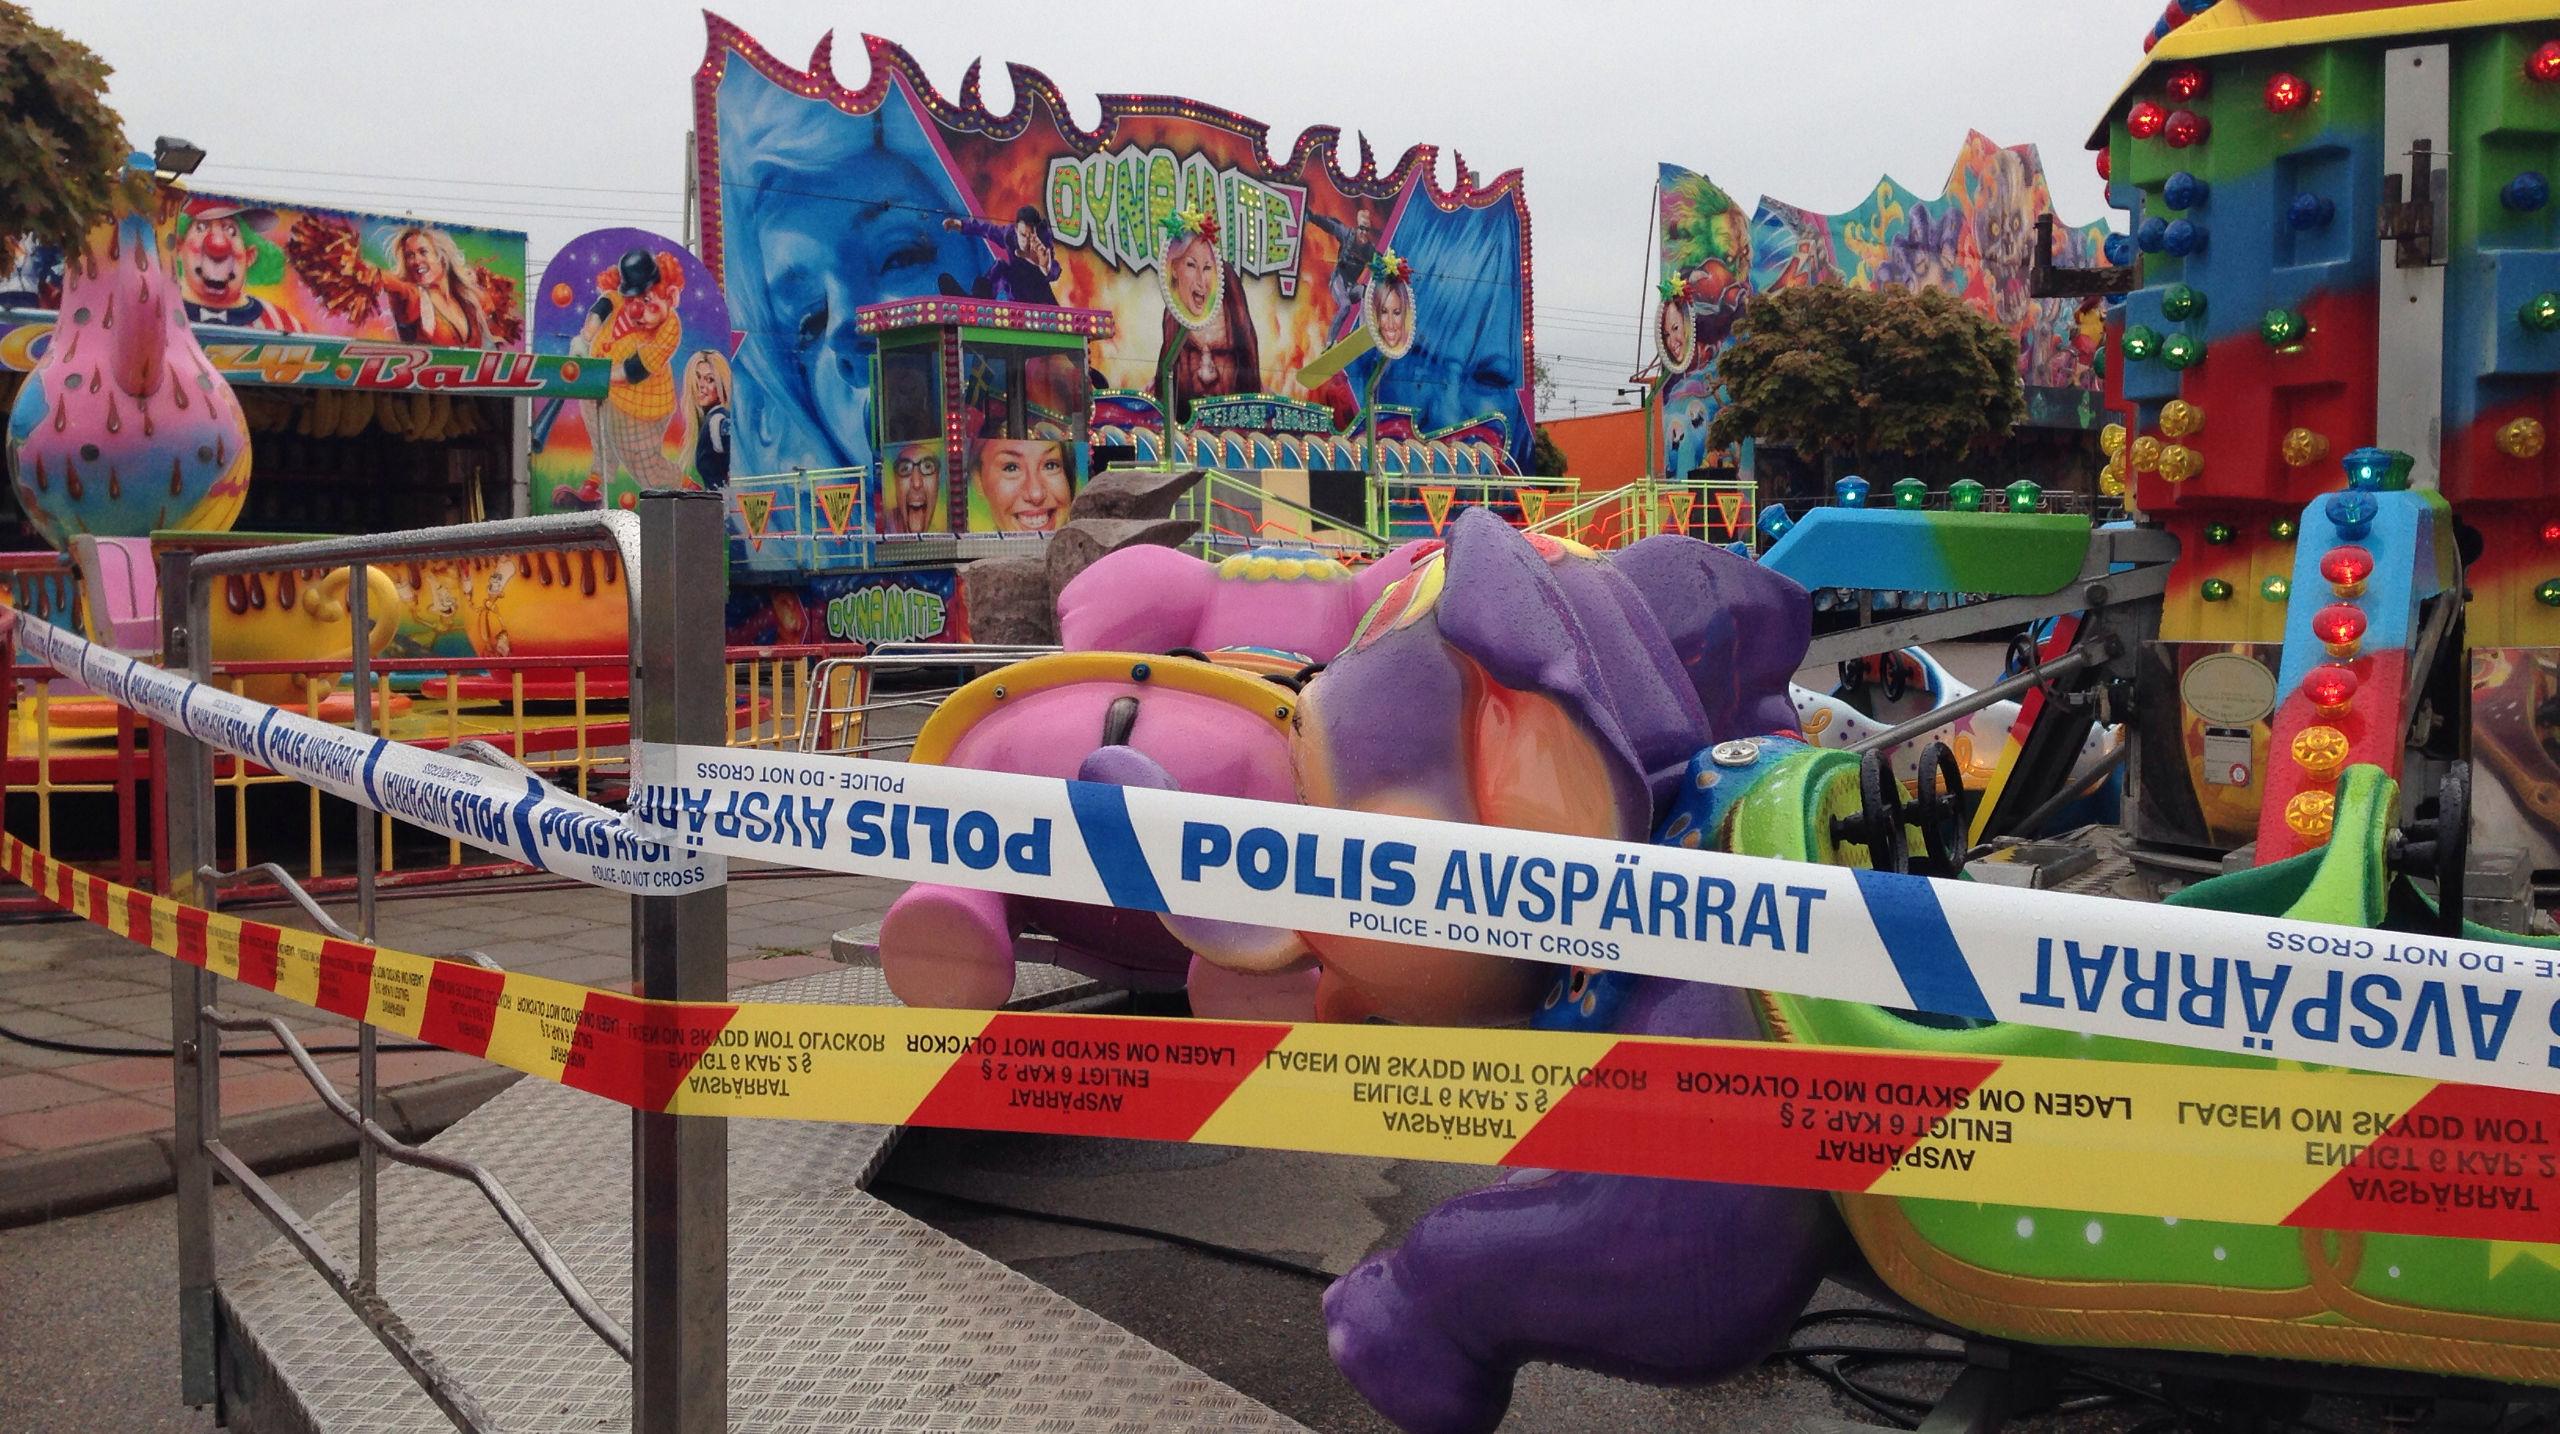 24 personer fastnade i karusell pa tivoli